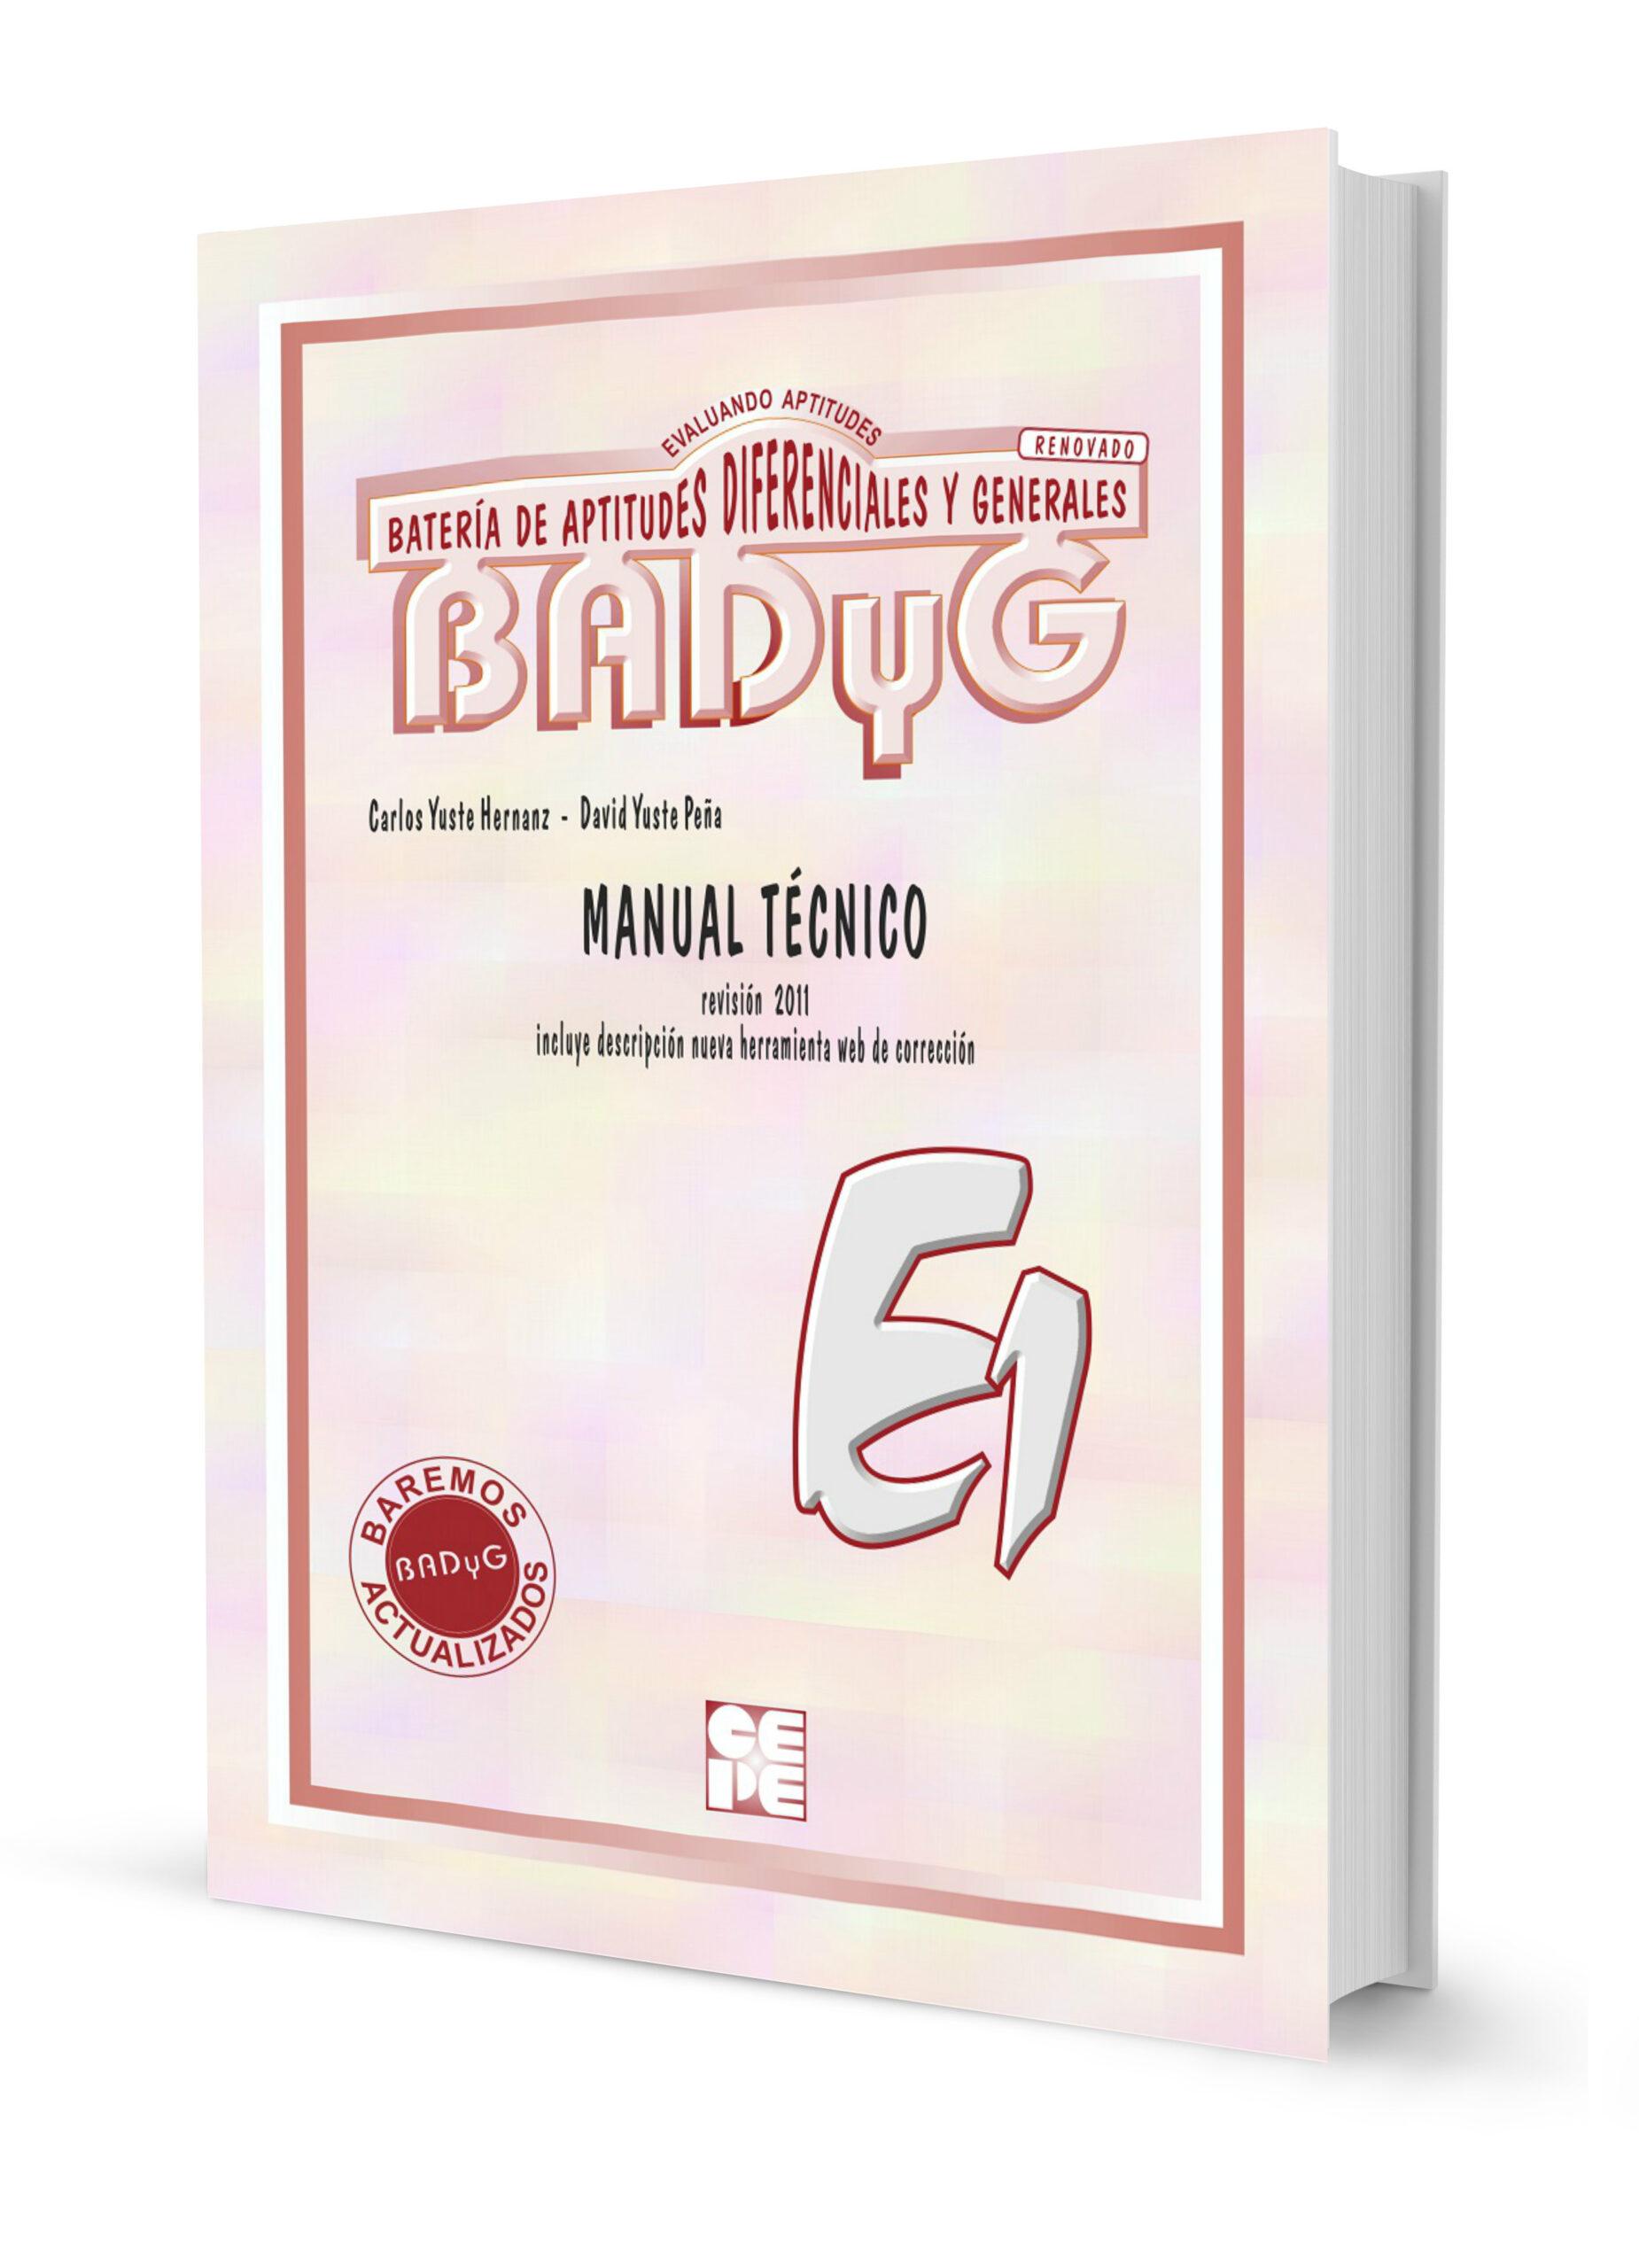 BADYG E1 – Bateria de aptitudes diferenciales y generales.